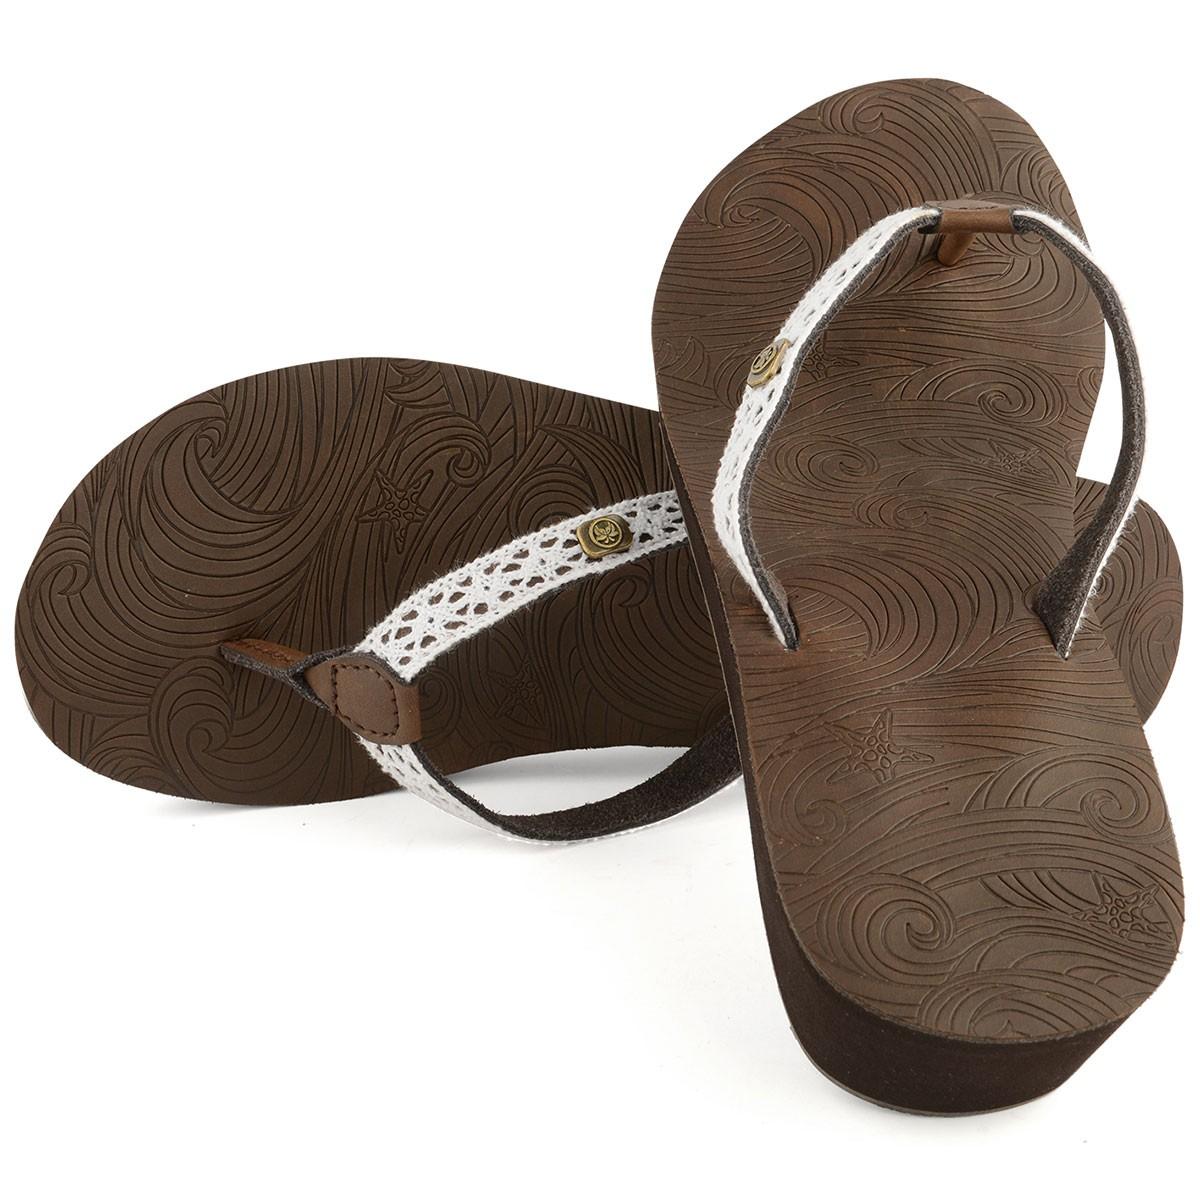 Womens Heeia Flip Flop - Brown